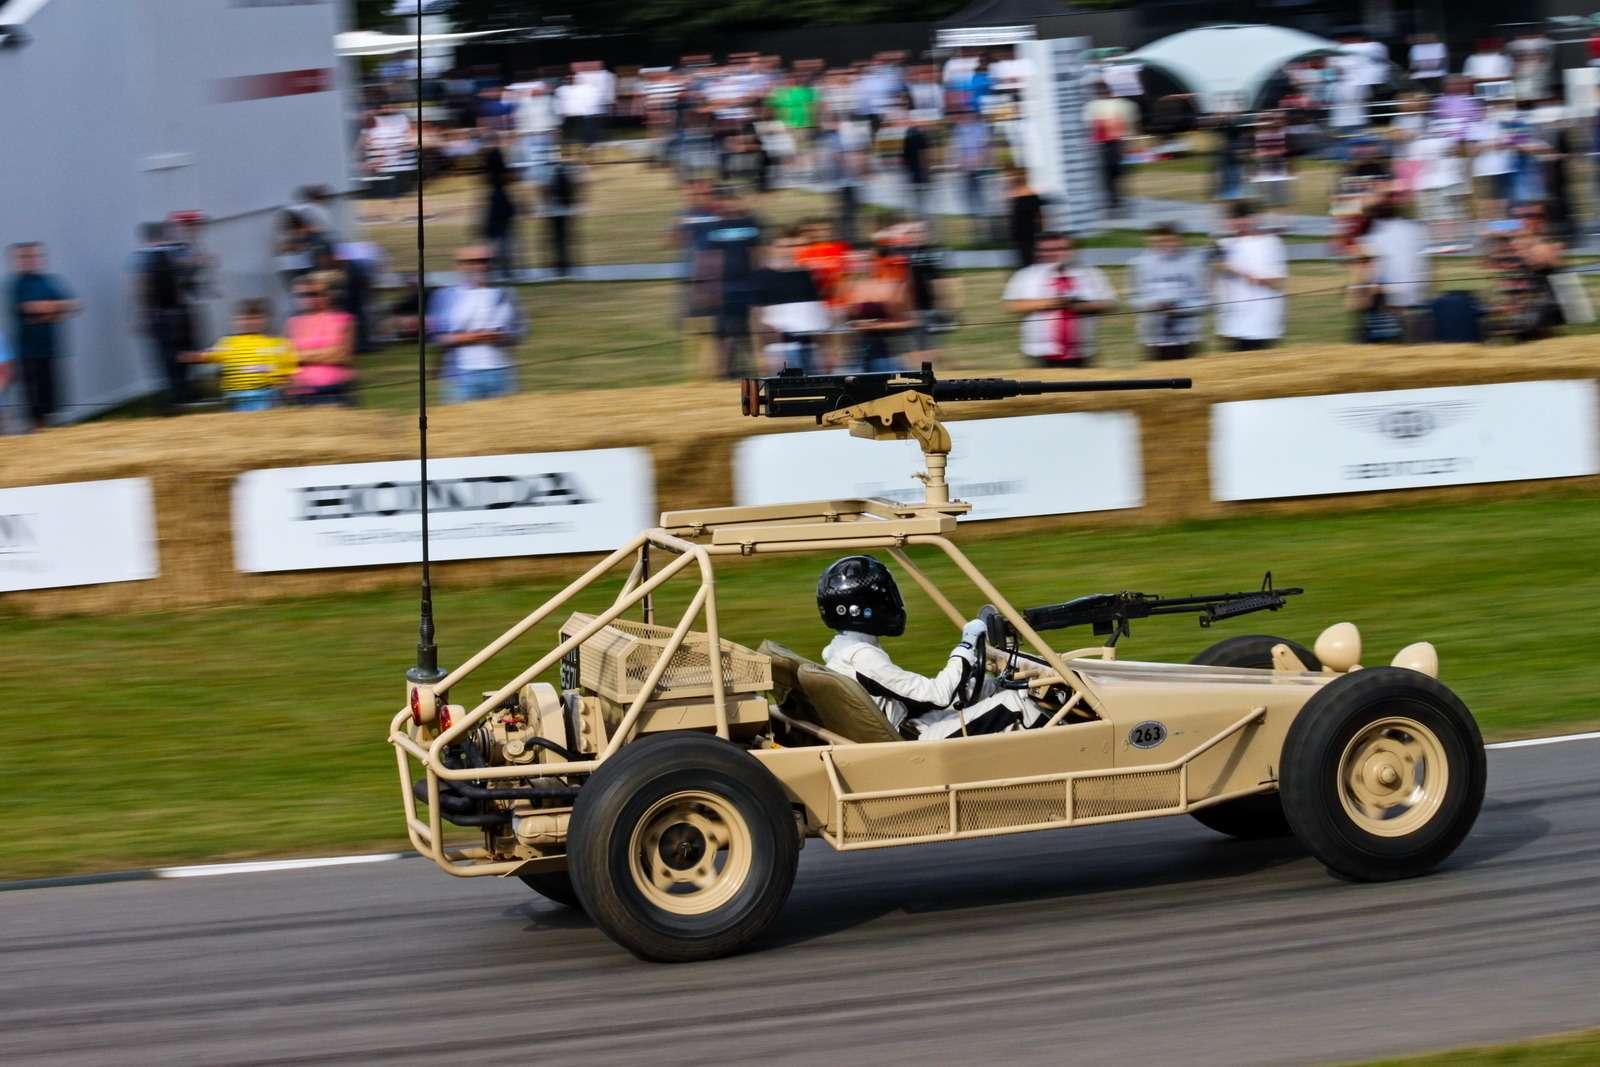 Лучшее автомобильное шоу вмире. Репортаж сФестиваля скорости— фото 780610